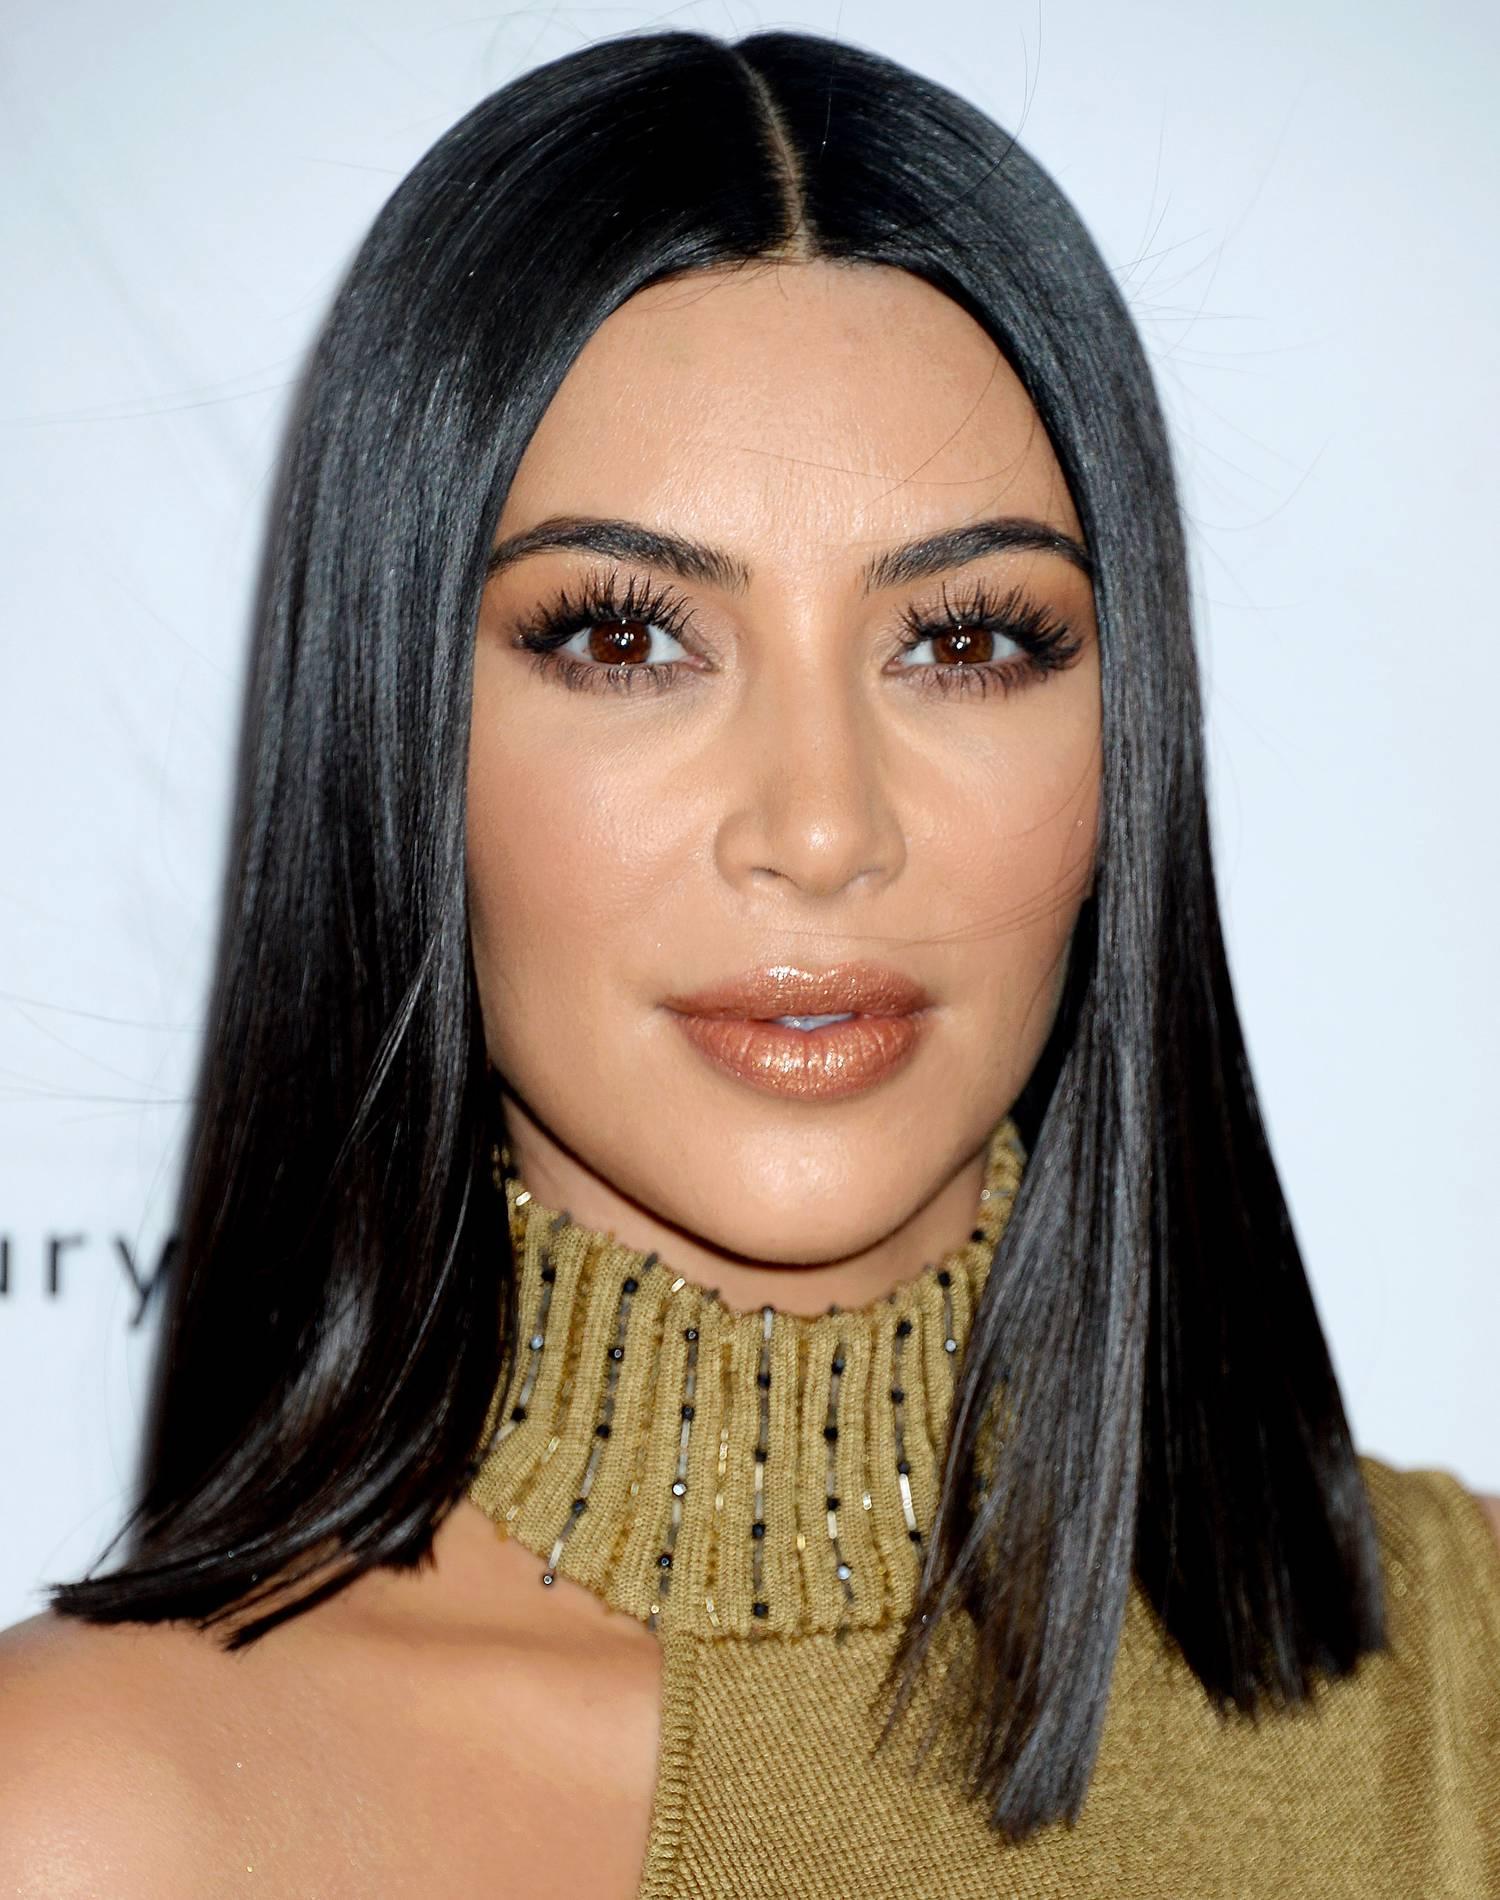 Kim Kardashian talán még soha nem nézett ki ennyire jól e56c8209f1